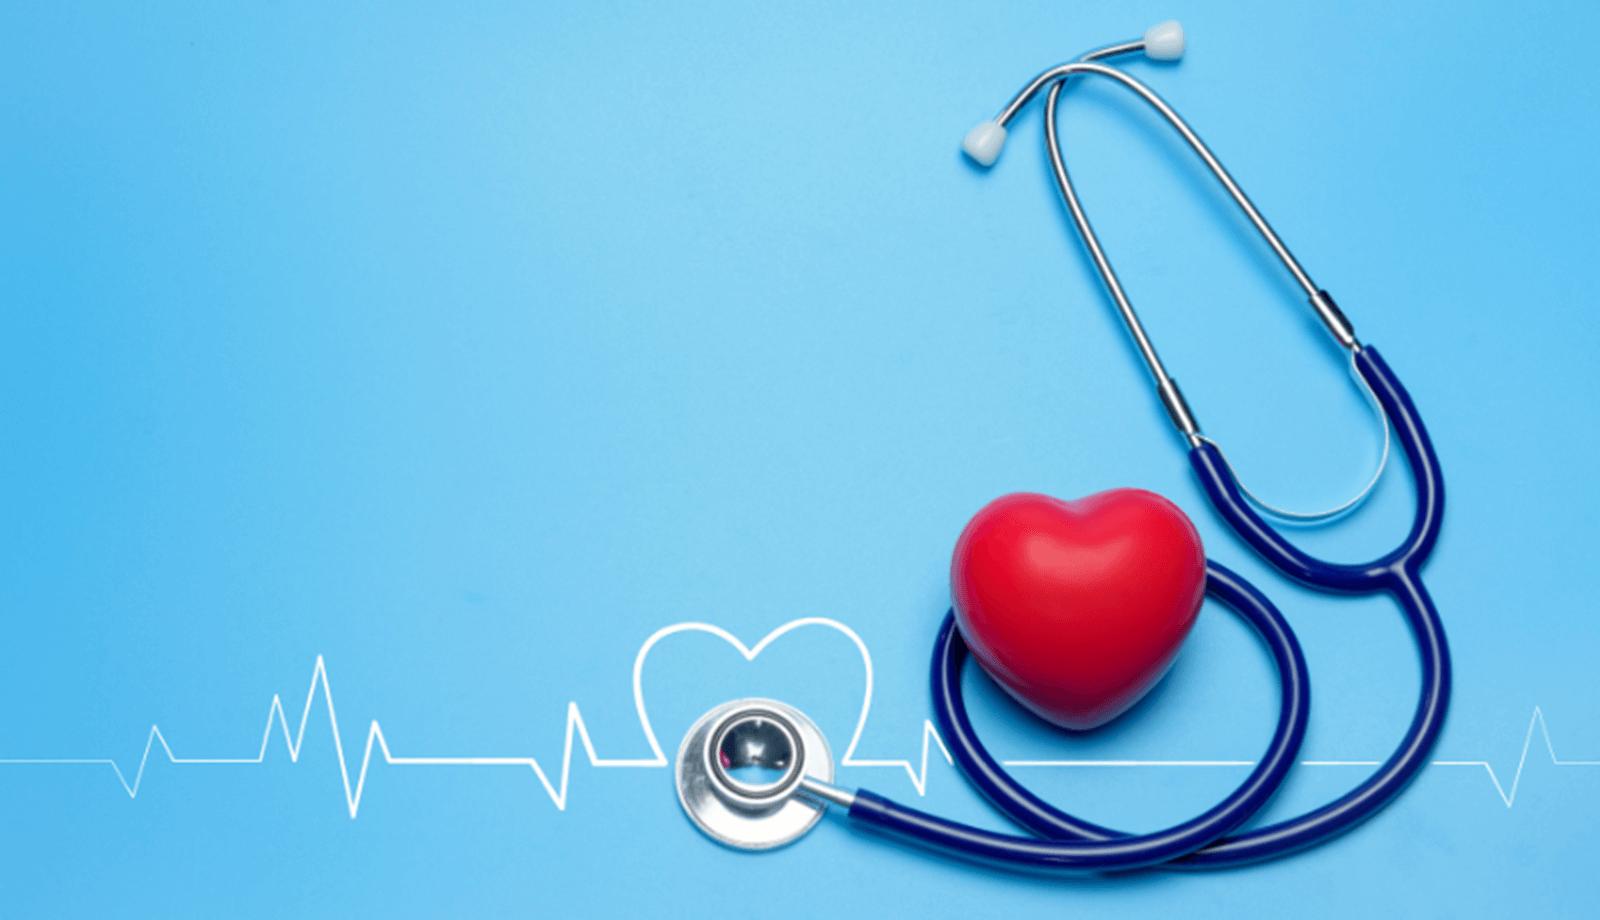 Batmanghelija magas vérnyomás vegetatív vaszkuláris dystonia magas vérnyomás esetén